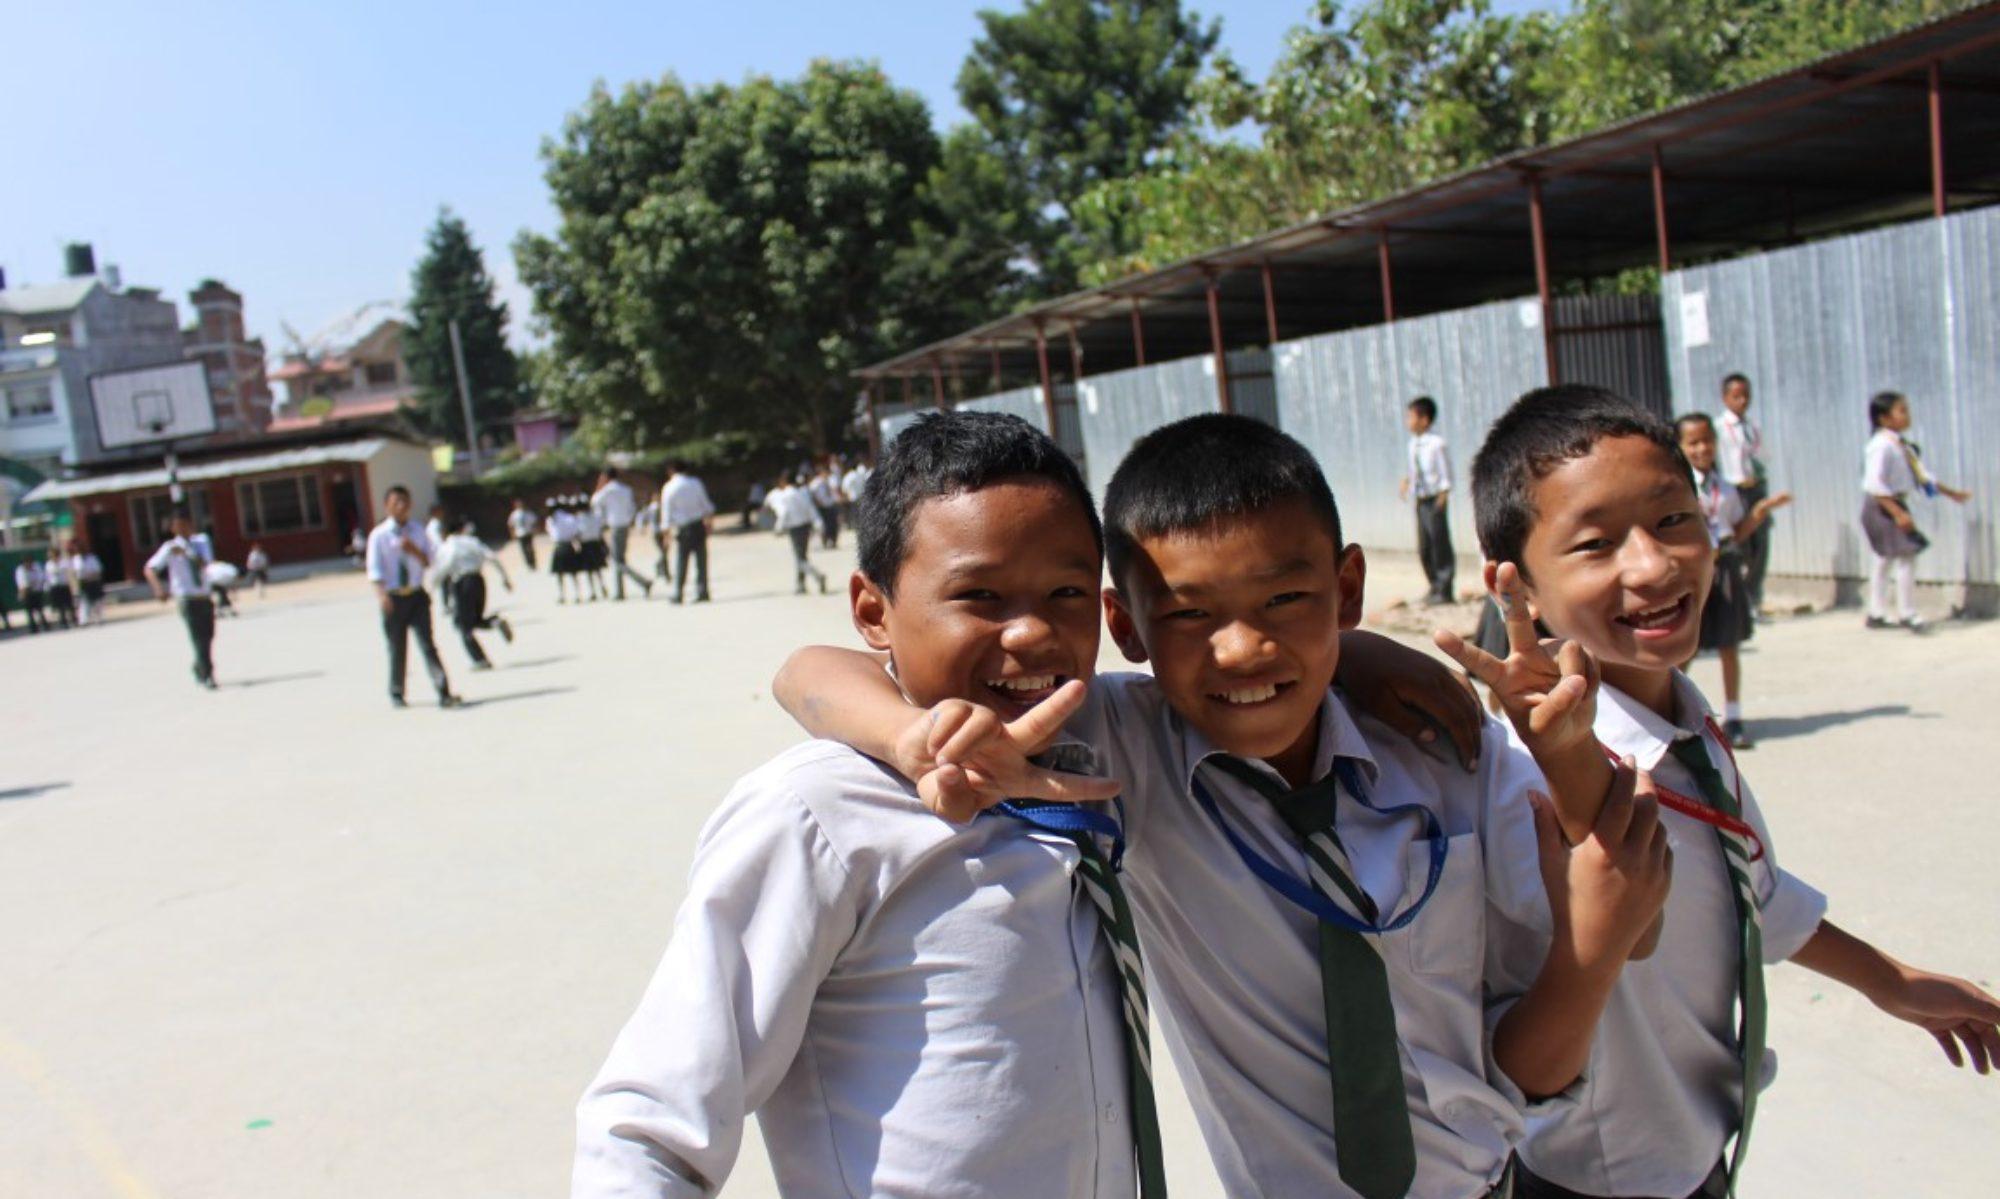 Tso Pema Tibetansk skole